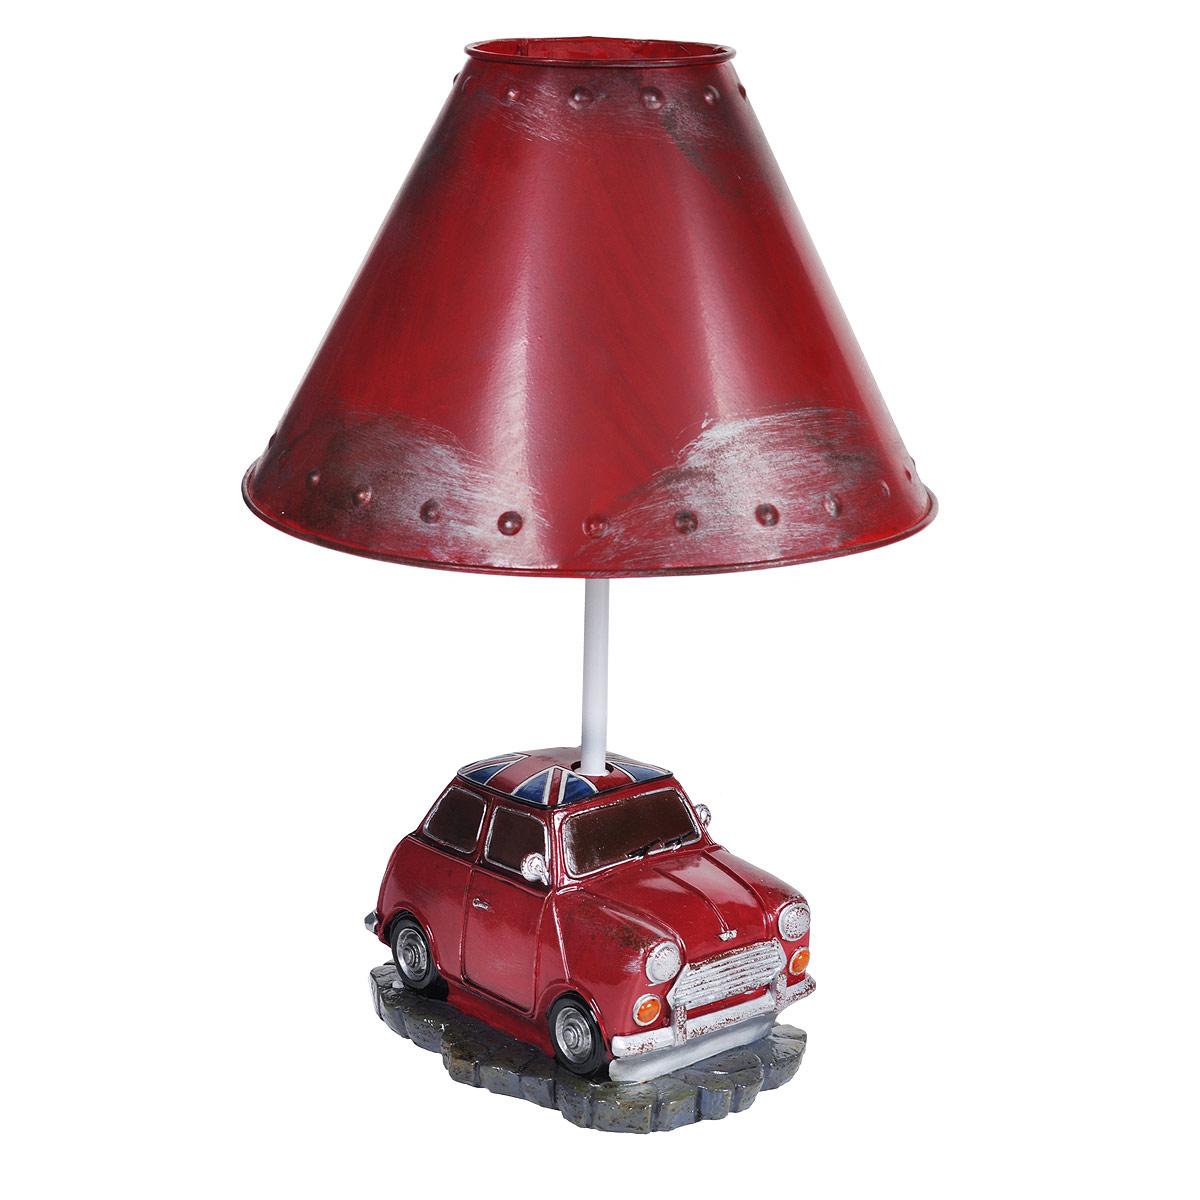 Светильник настольный Красный автомобиль. 2934129341Настольный светильник, изготовленный из полирезины, выполнен в виде красного автомобиля и оформлен металлическим абажуром красного цвета. Такой светильник прекрасно подойдет для украшения интерьера и создания атмосферы тепла и уюта. Внутри светильника расположена лампа накаливания. Светильник работает от электросети и включается при помощи кнопки на шнуре.